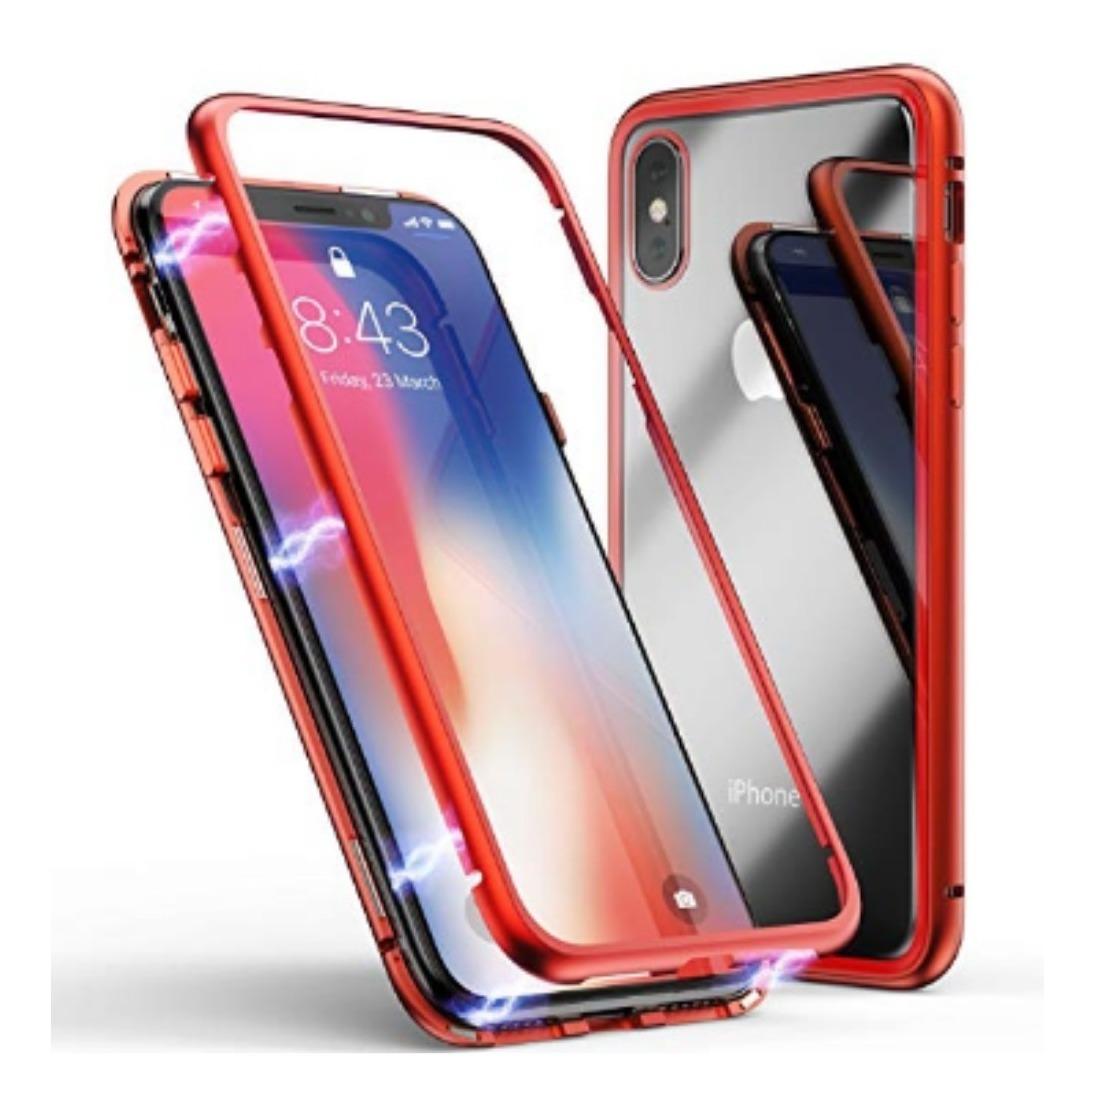 4425d967c51 iPhone Funda Carcasa Protector Magnético X, 8 Plus, 7 Y 6 - $ 289.00 ...